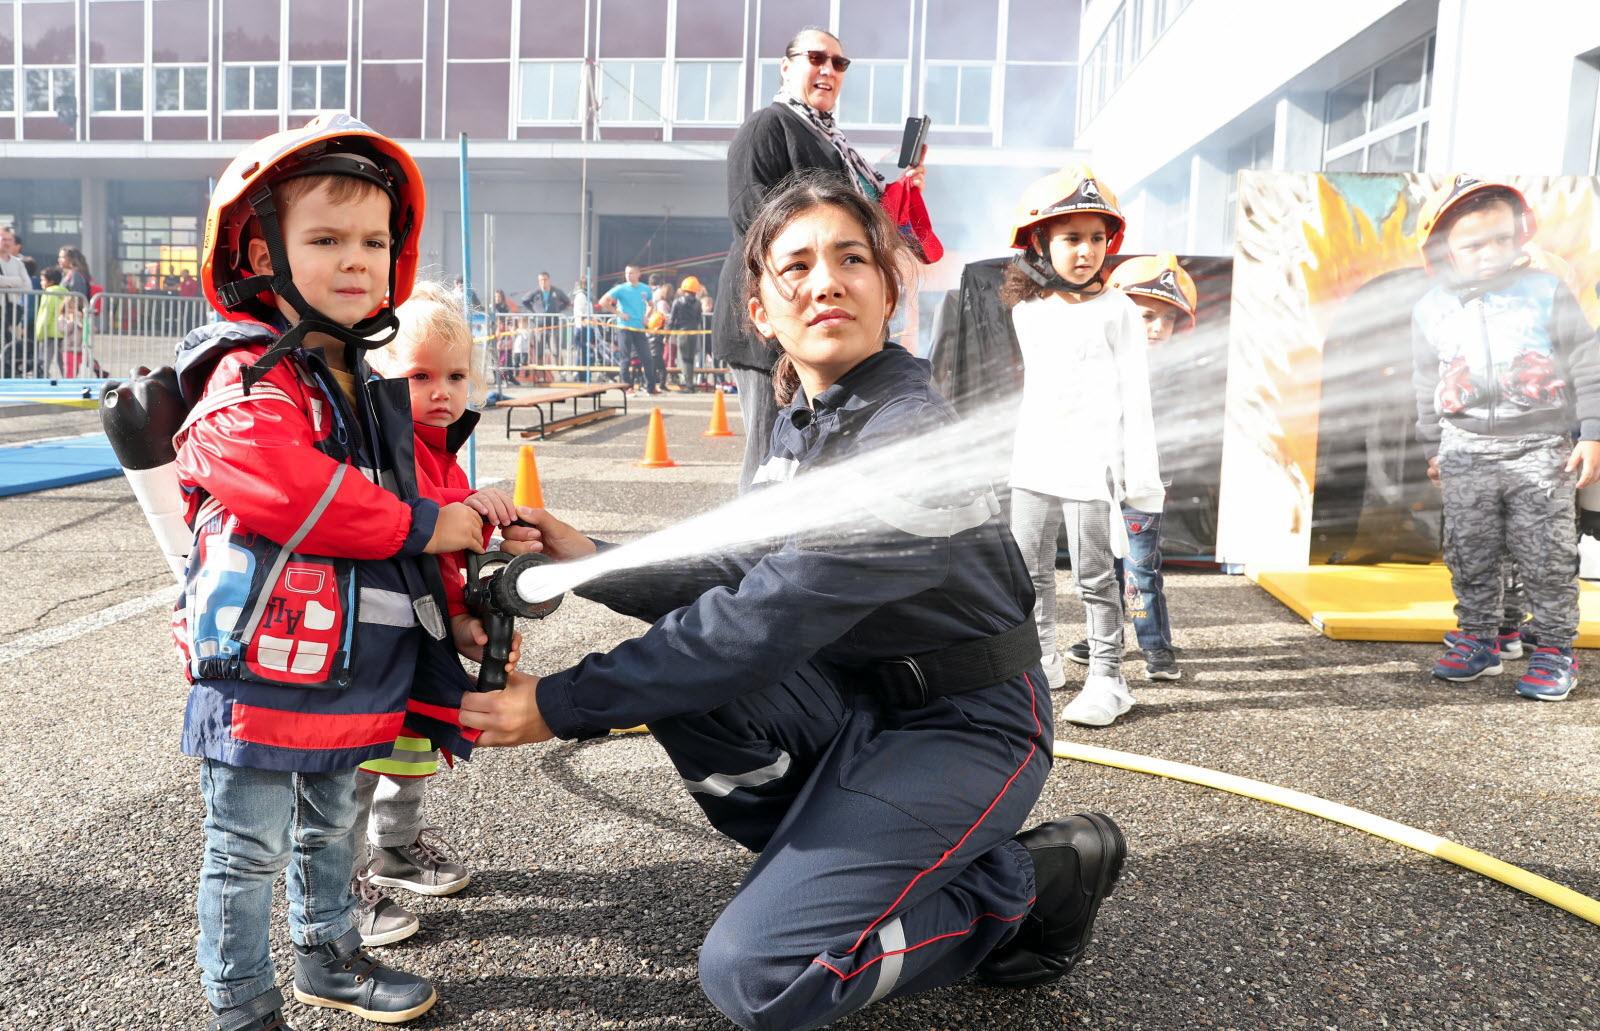 Insolite | [Diaporama] Au Jeu Les Pompiers Au Centre De concernant Jeu De Pompier Gratuit